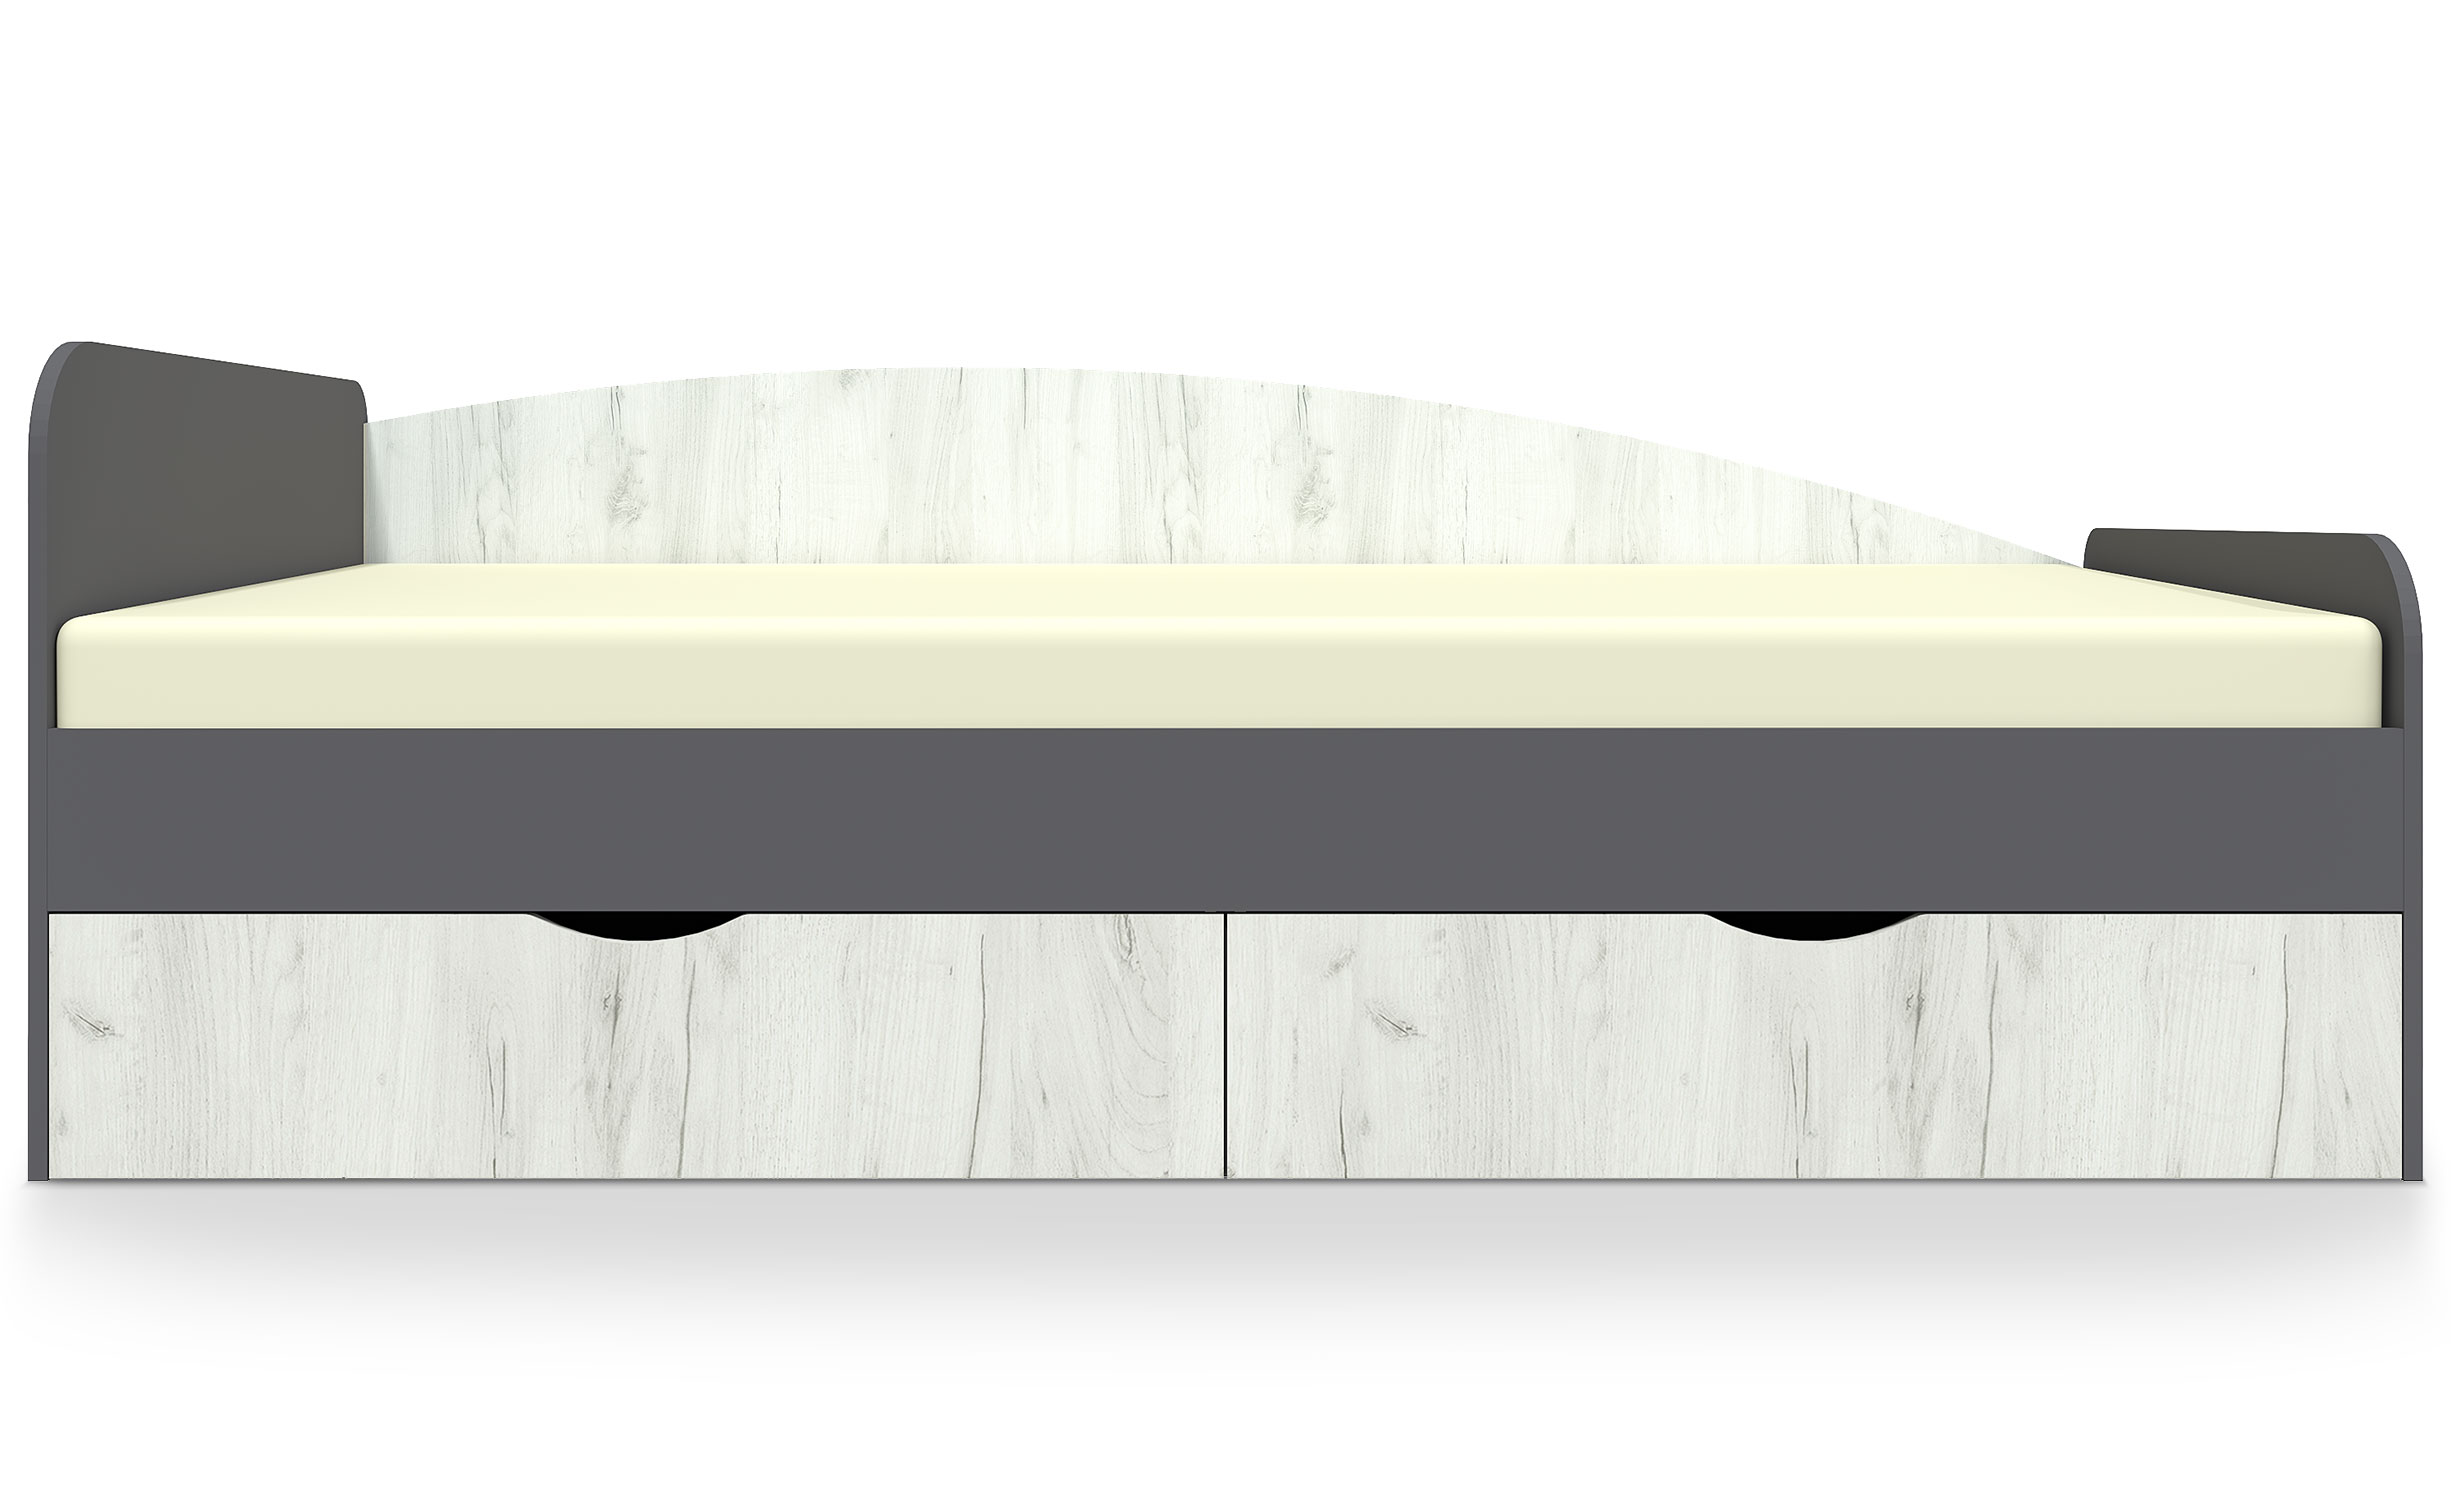 Caradec kinderbed 90x200cm grijs en licht hout